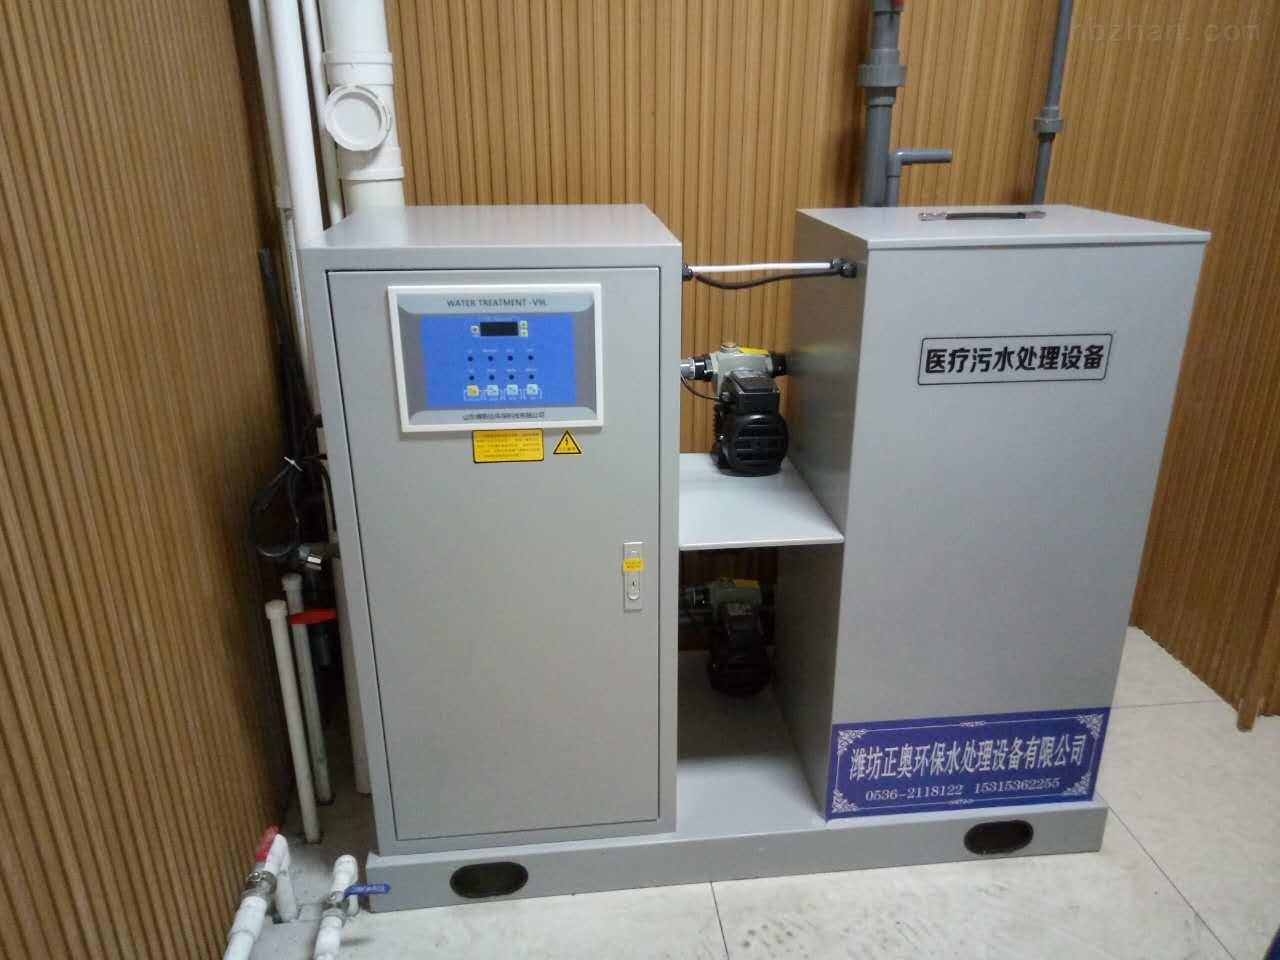 巴彦淖尔检验科污水处理设备=重要说明